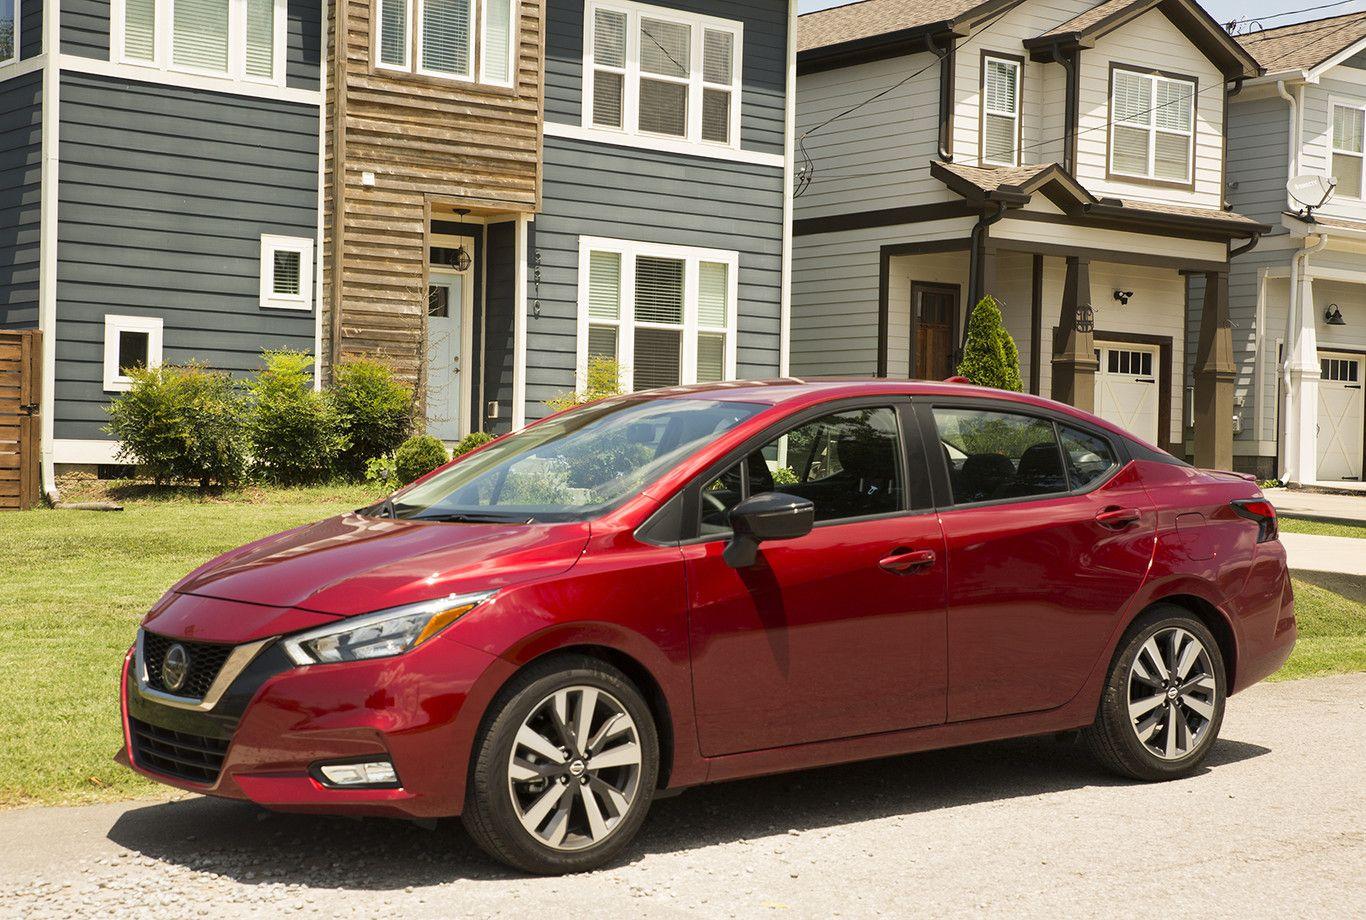 Nissan Versa 2020 Nissan, Volkswagen vento, Hyundai accent